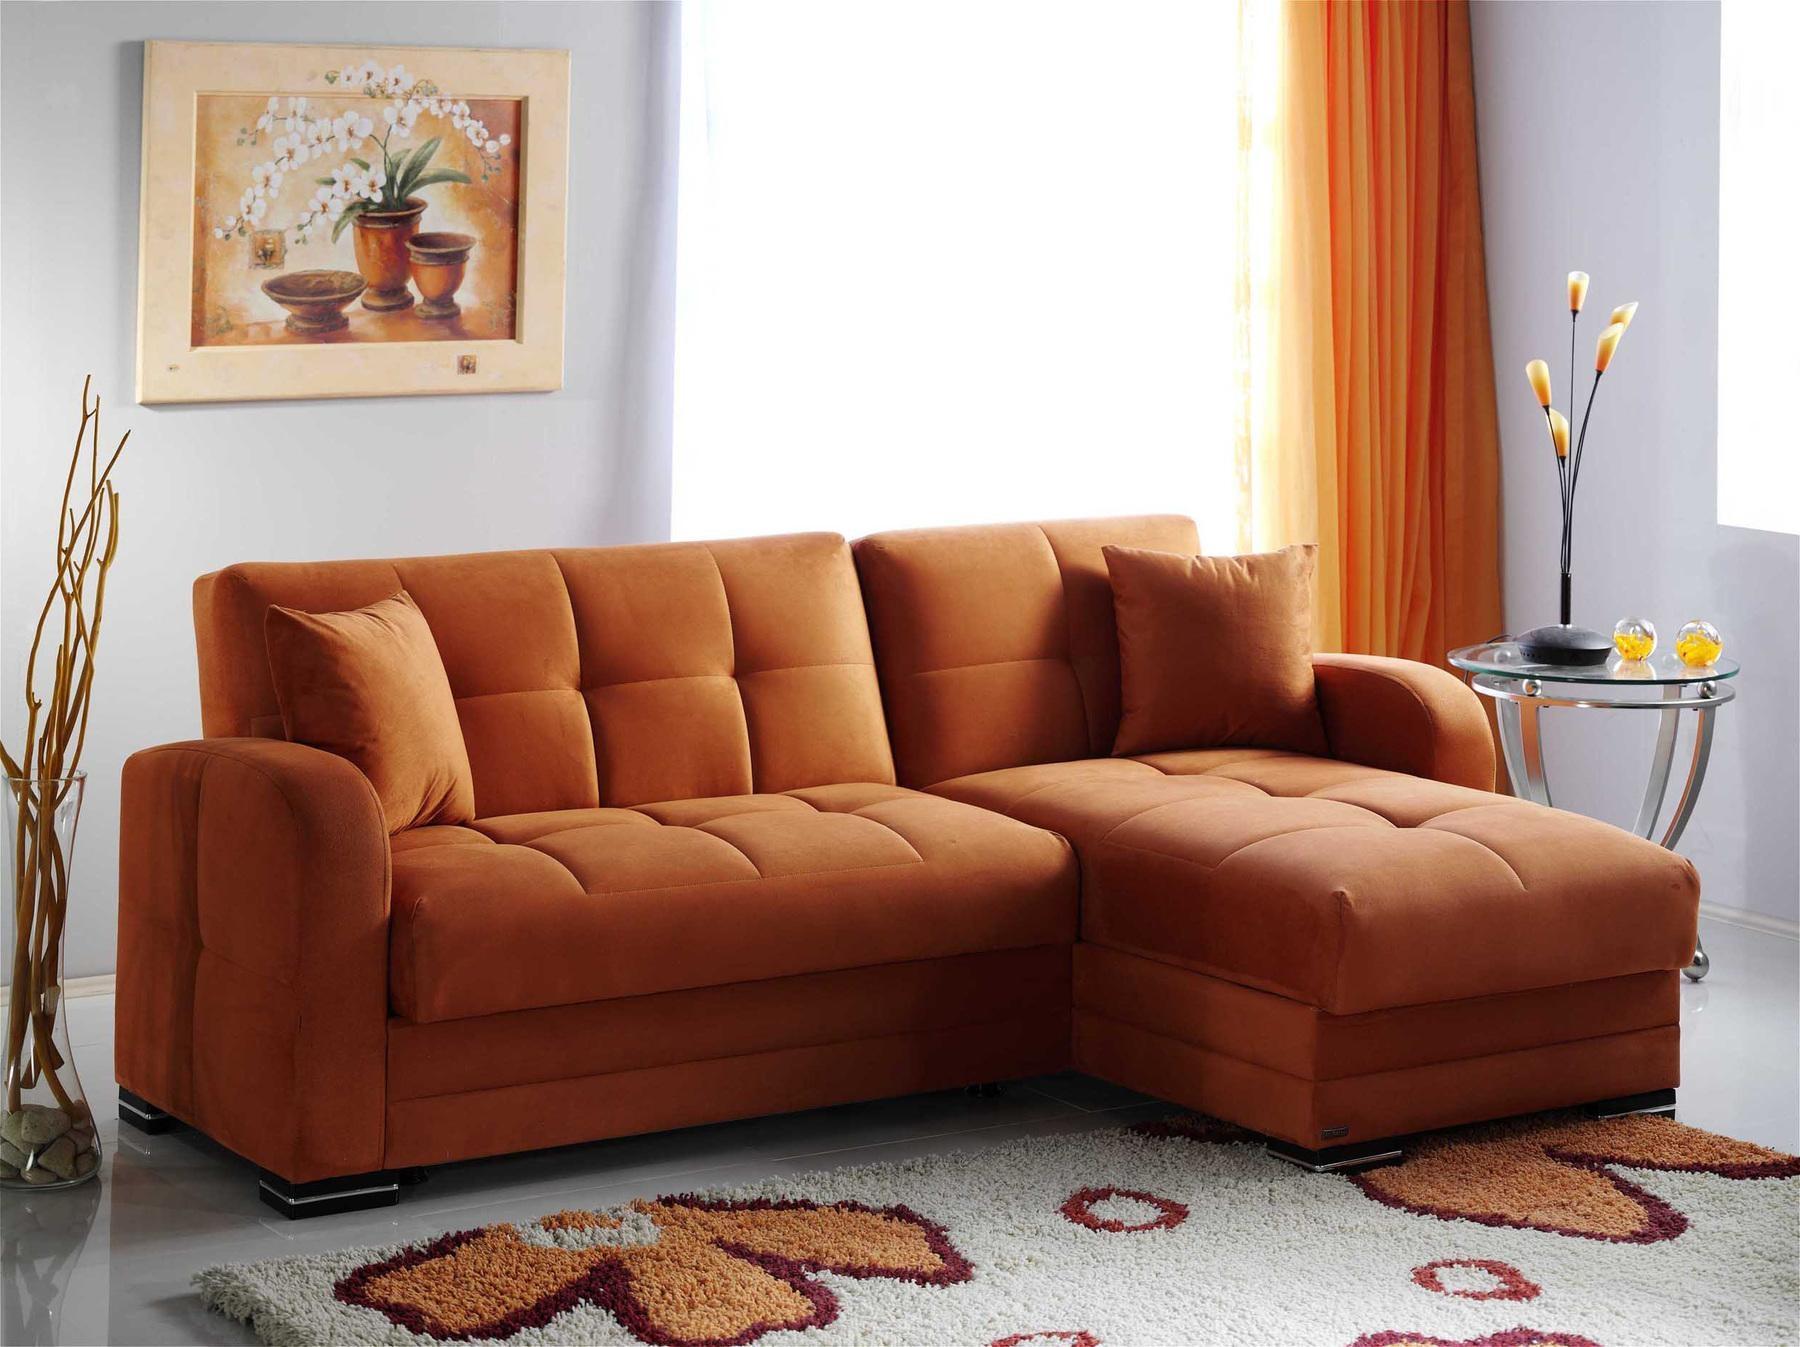 Kubo Orange Rf Sectional Sofa Su Kubo Sunset Furniture Sectional For Window Sofas (Image 11 of 20)